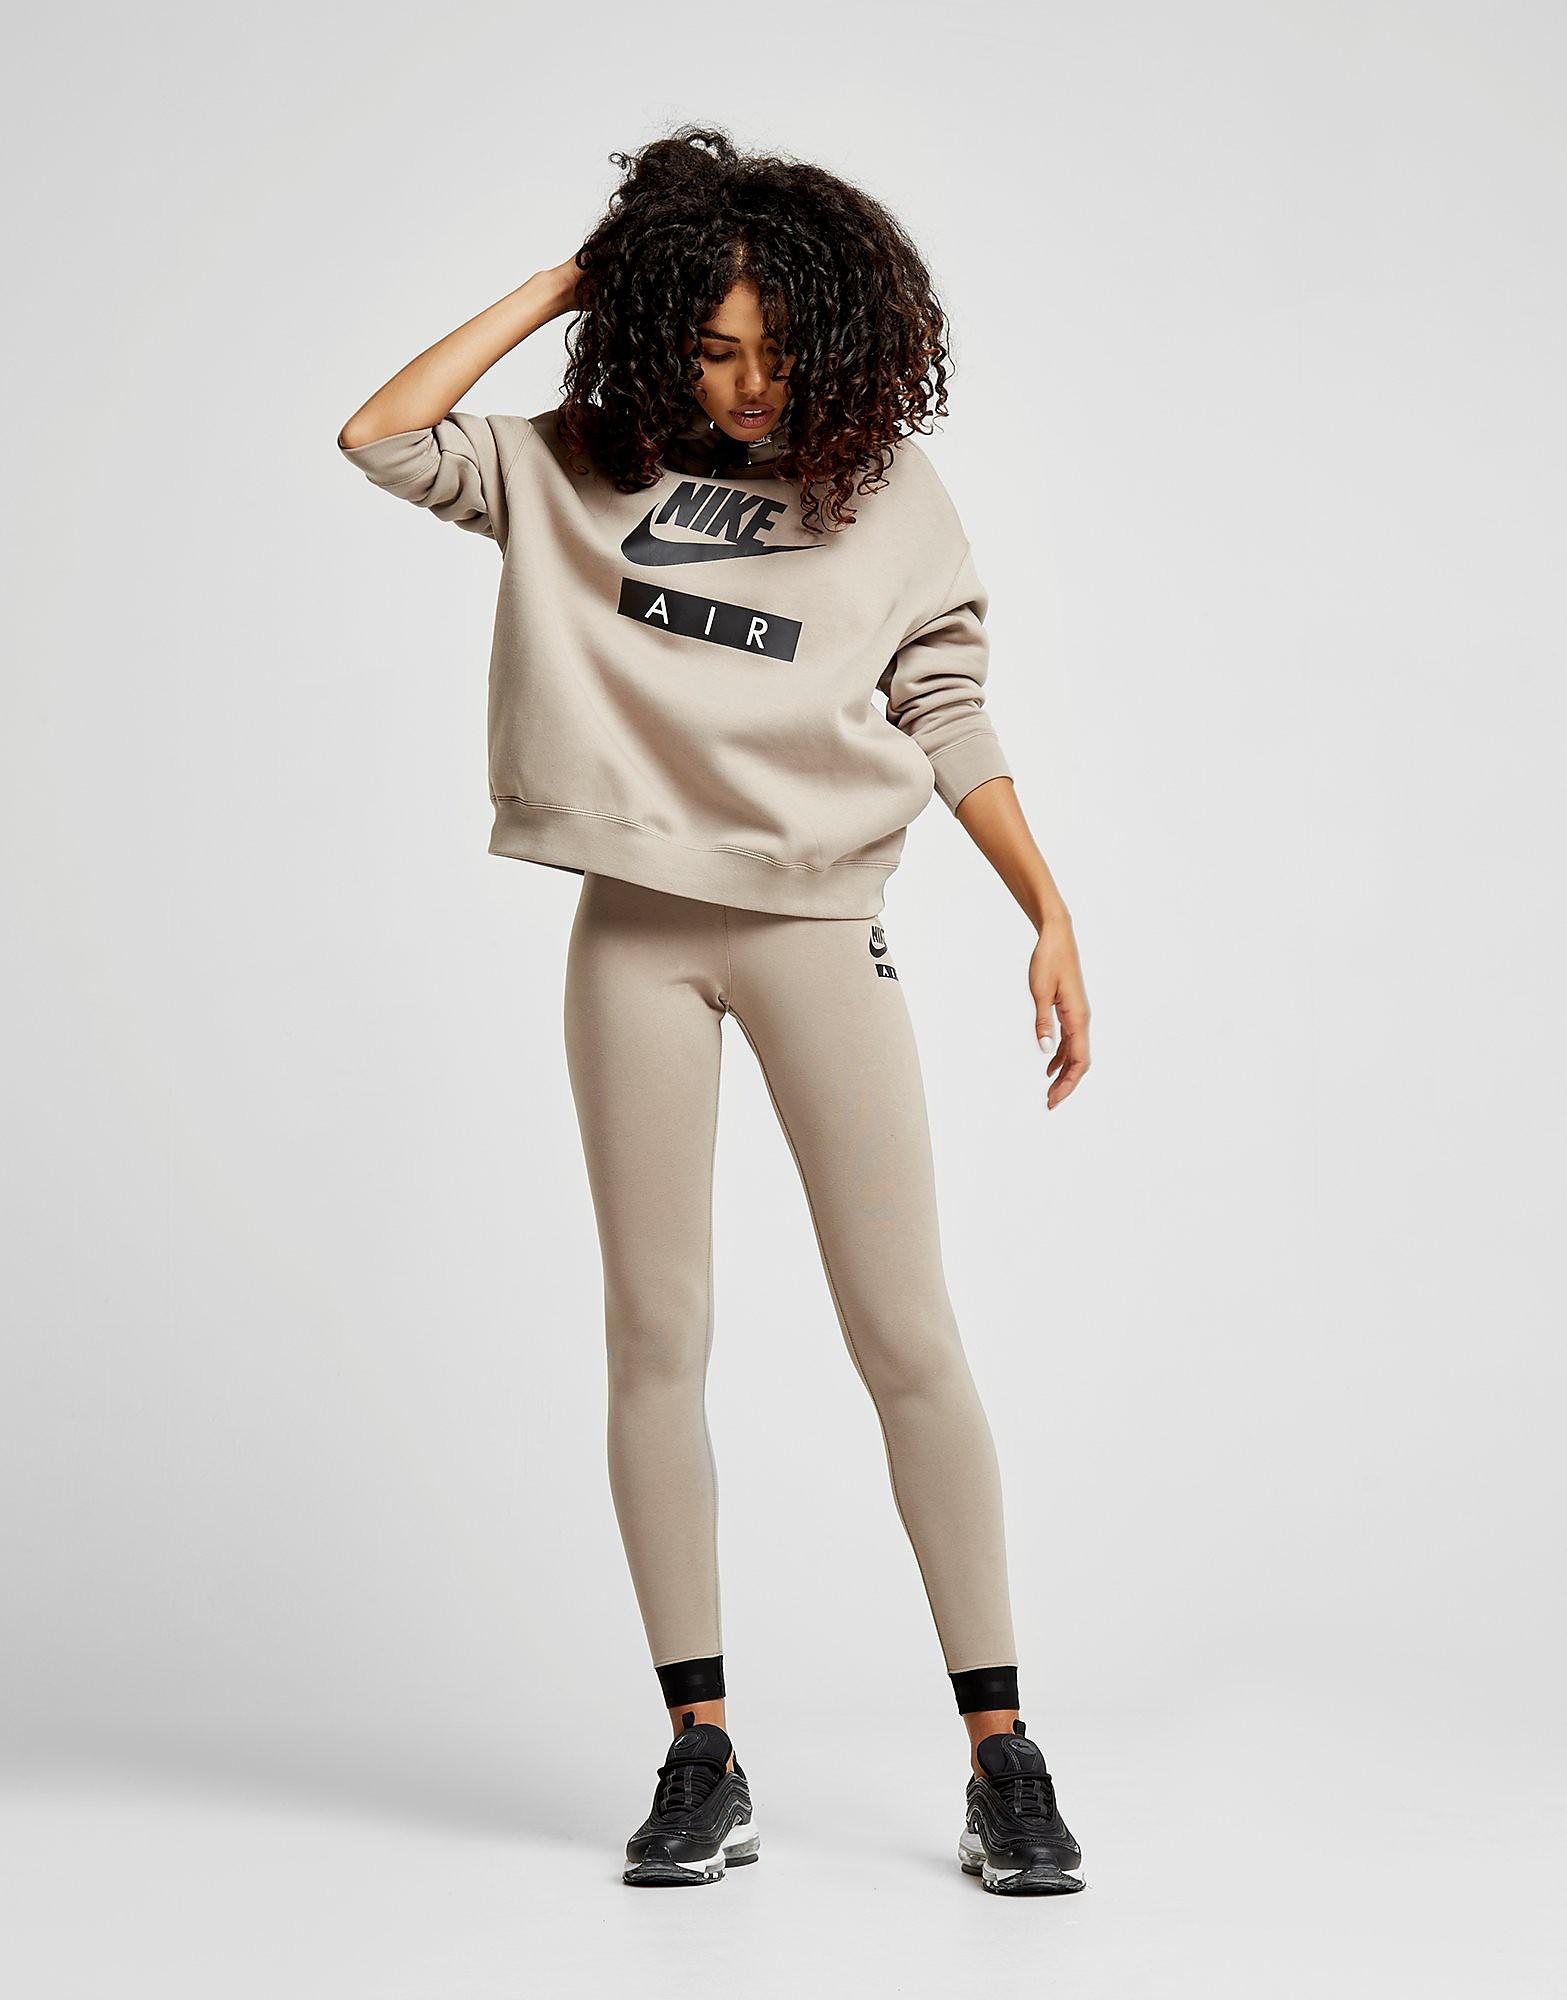 Nike Air High Waist Leggings